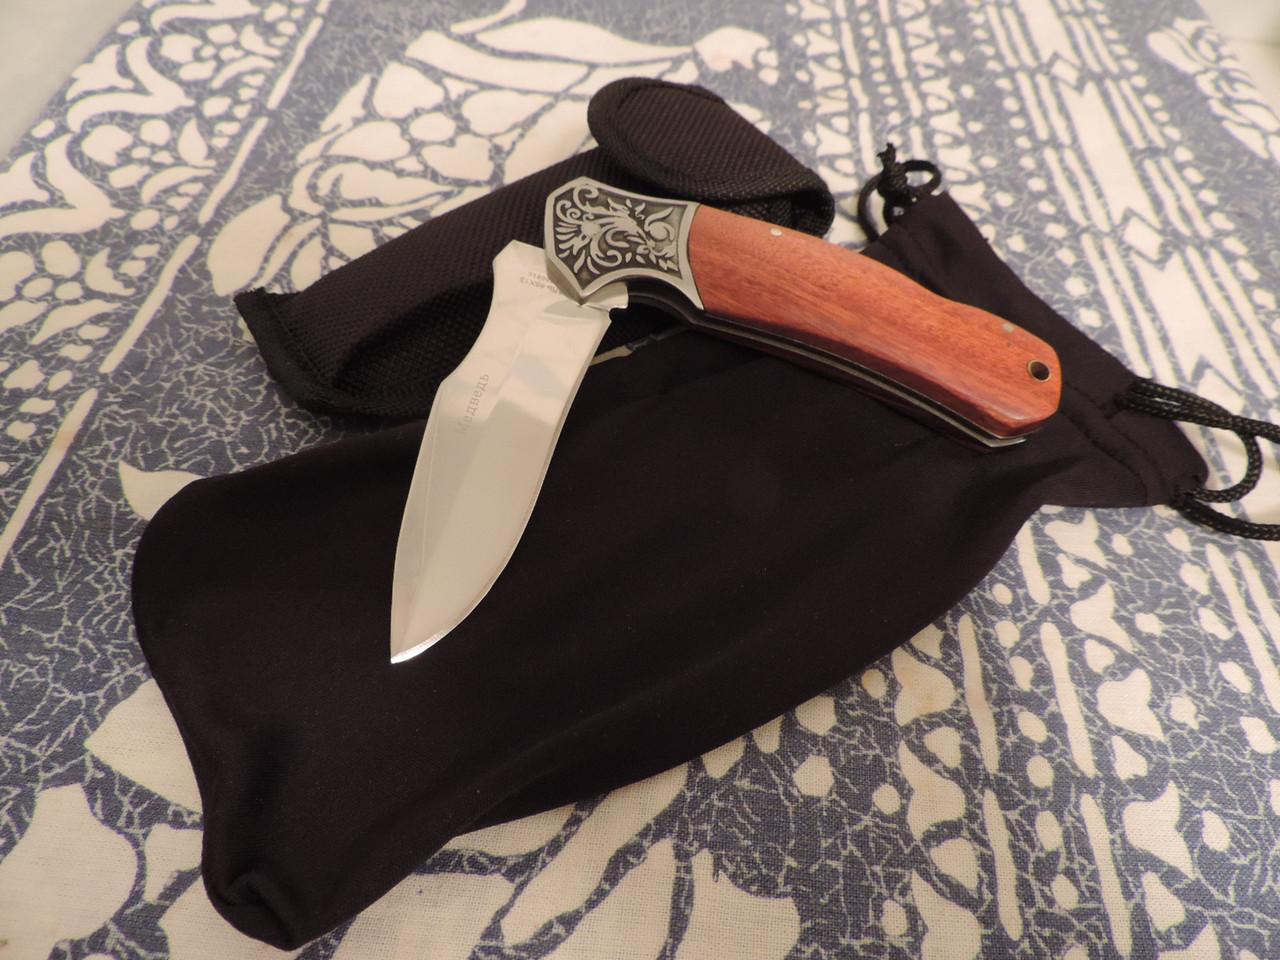 """Нож складной - охотничий / туристический """"Медведь"""". Булатная сталь. Палисандровая рукоятка."""